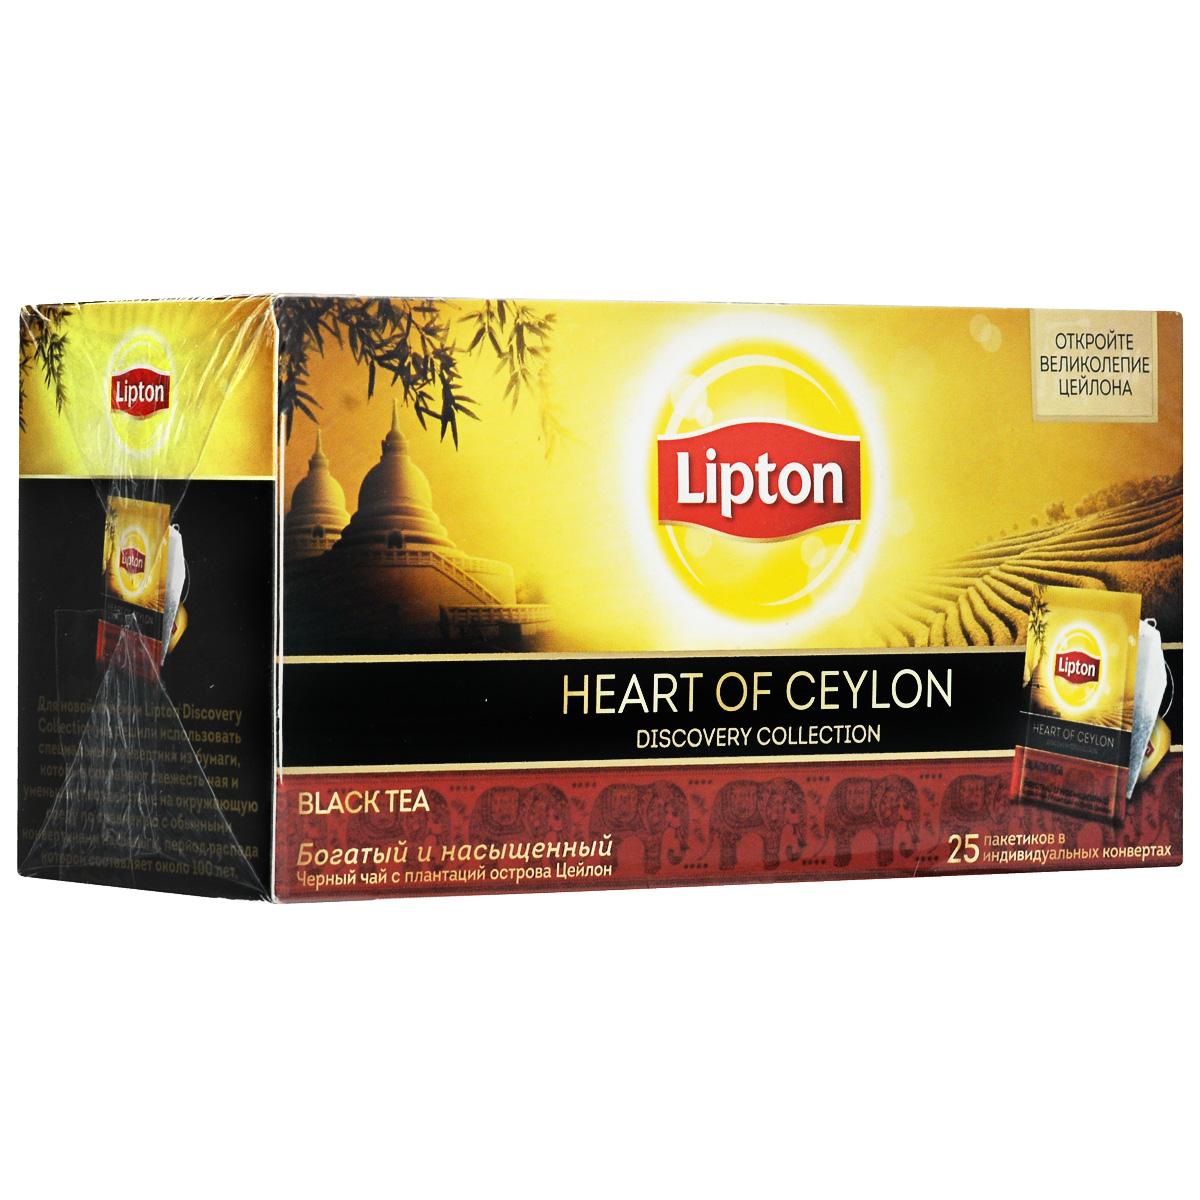 Lipton Черный чай Heart of ceylon 25 шт